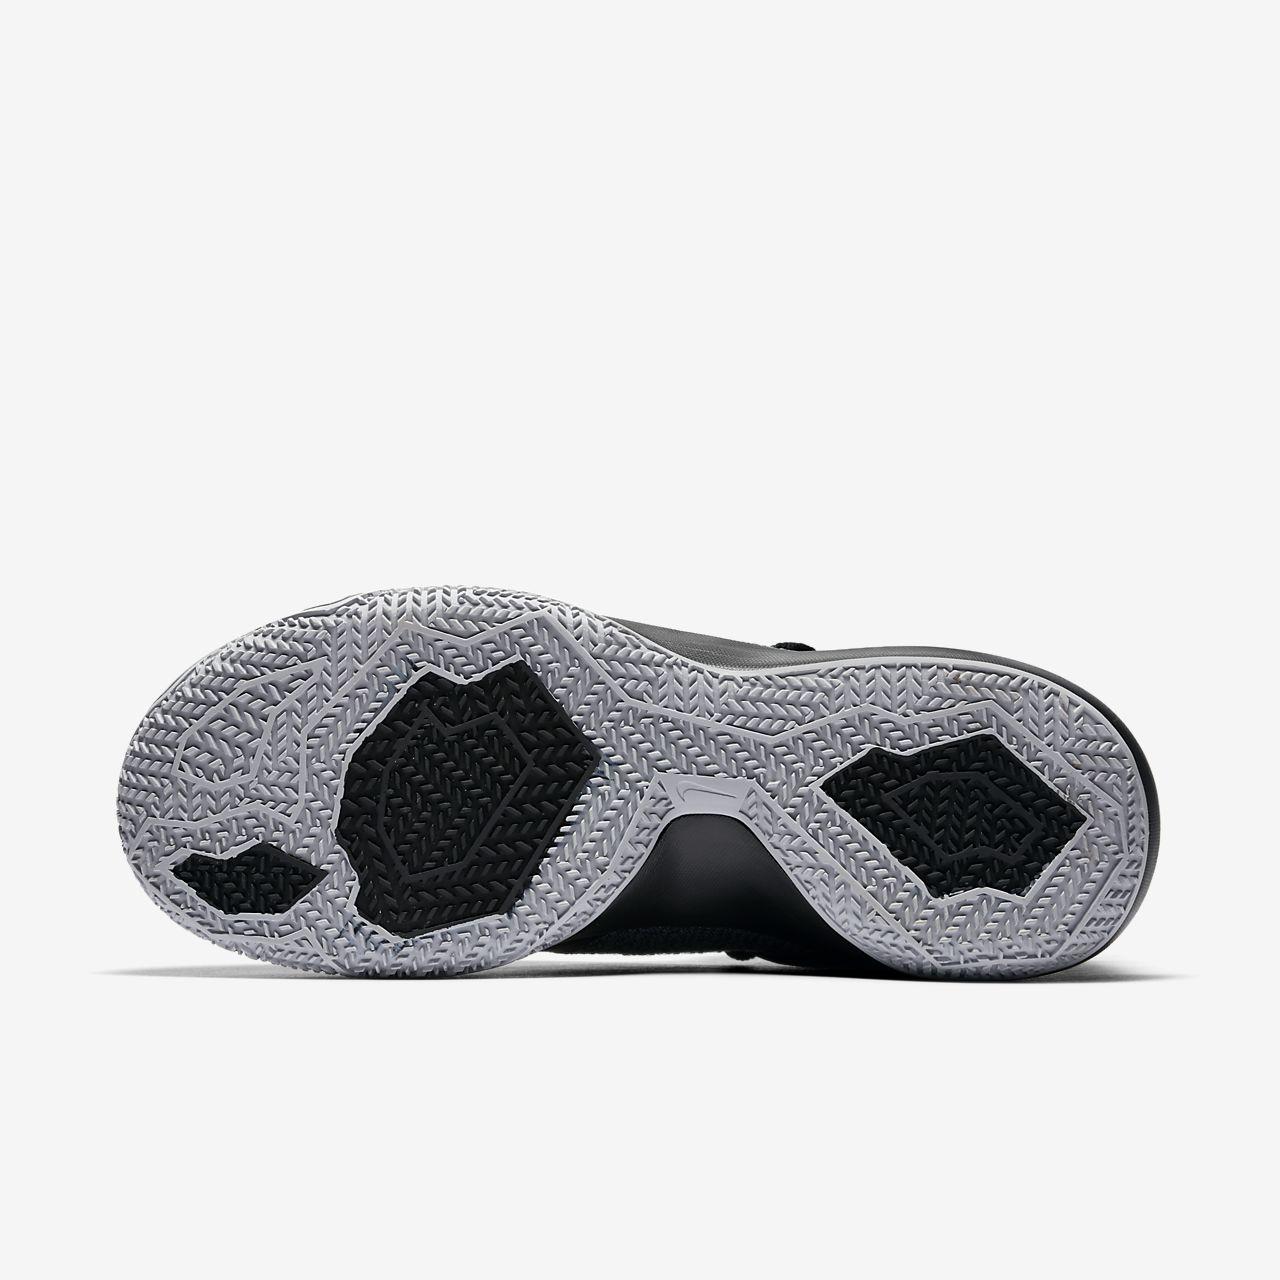 0f8b614628a8 Nike Zoom Shift Women s Basketball Shoe. Nike.com AU